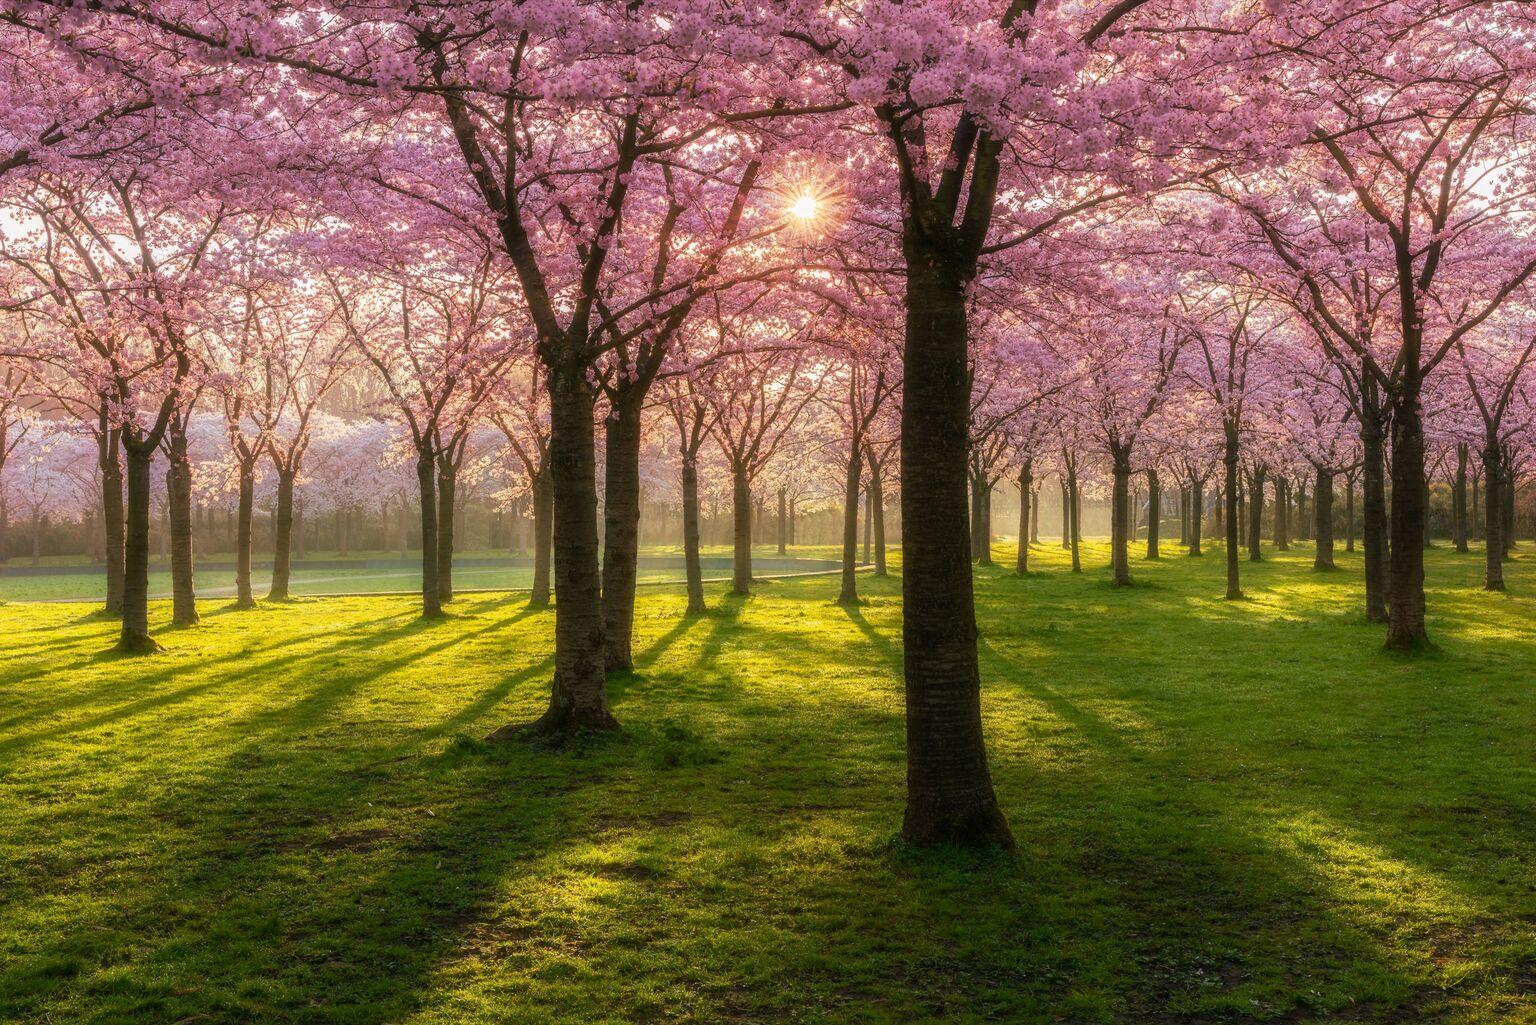 Blossomfest  - 2 weken geleden een mooie ochtend in het Amsterdamse bos gehad en dan ook maar ff de bloesem fotograferen hé ;) Daarna thuis een aardige tijd aan pho - foto door frankovitsj op 14-04-2021 - locatie: Doorweg 32, 1182 DB Amstelveen, Nederland - deze foto bevat: bloesem, lente, zonsopkomst, zon, gras, kleur, contrast, complimentaire kleur, bloem, fabriek, natuurlijk landschap, plantkunde, natuurlijke omgeving, boom, mensen in de natuur, afdeling, vegetatie, kofferbak